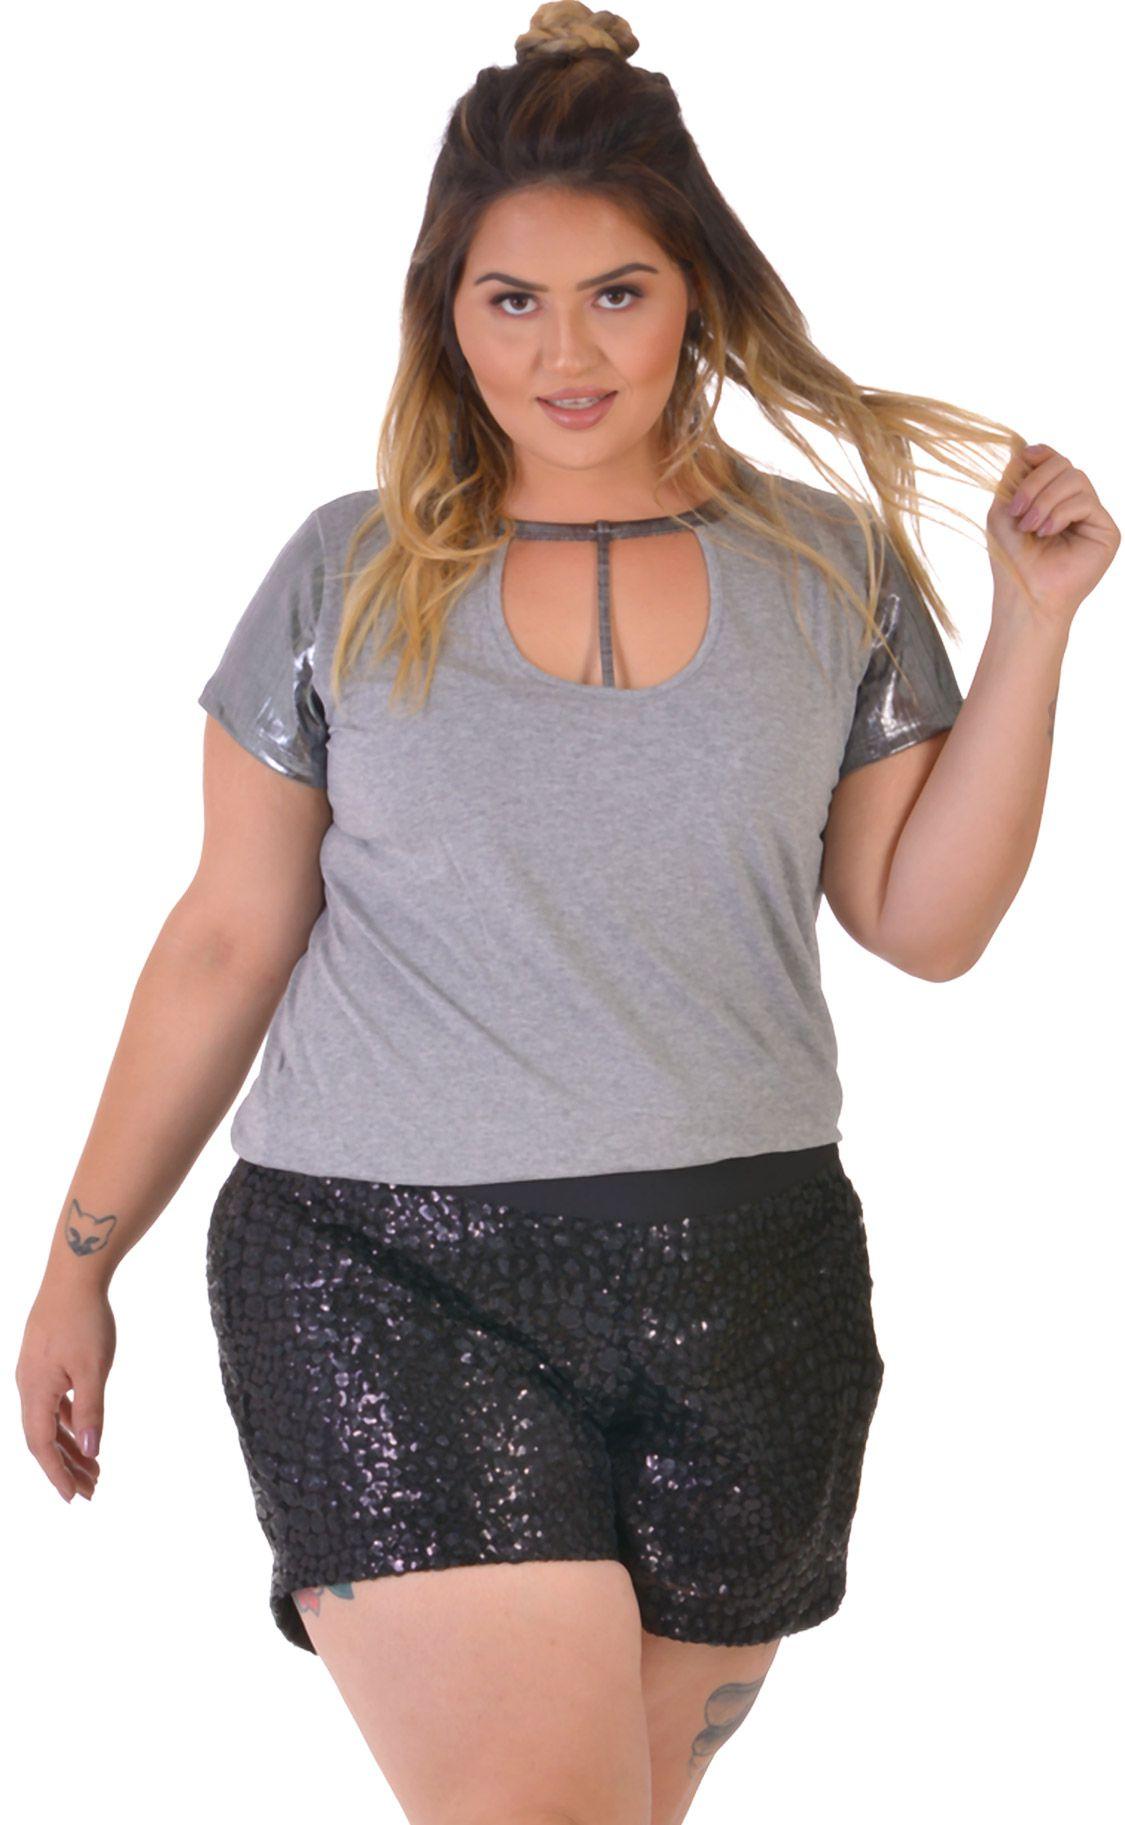 07271f0c1 Blusa Plus Size Silber | Morezi Plus - Moda Feminina Curvy & Plus